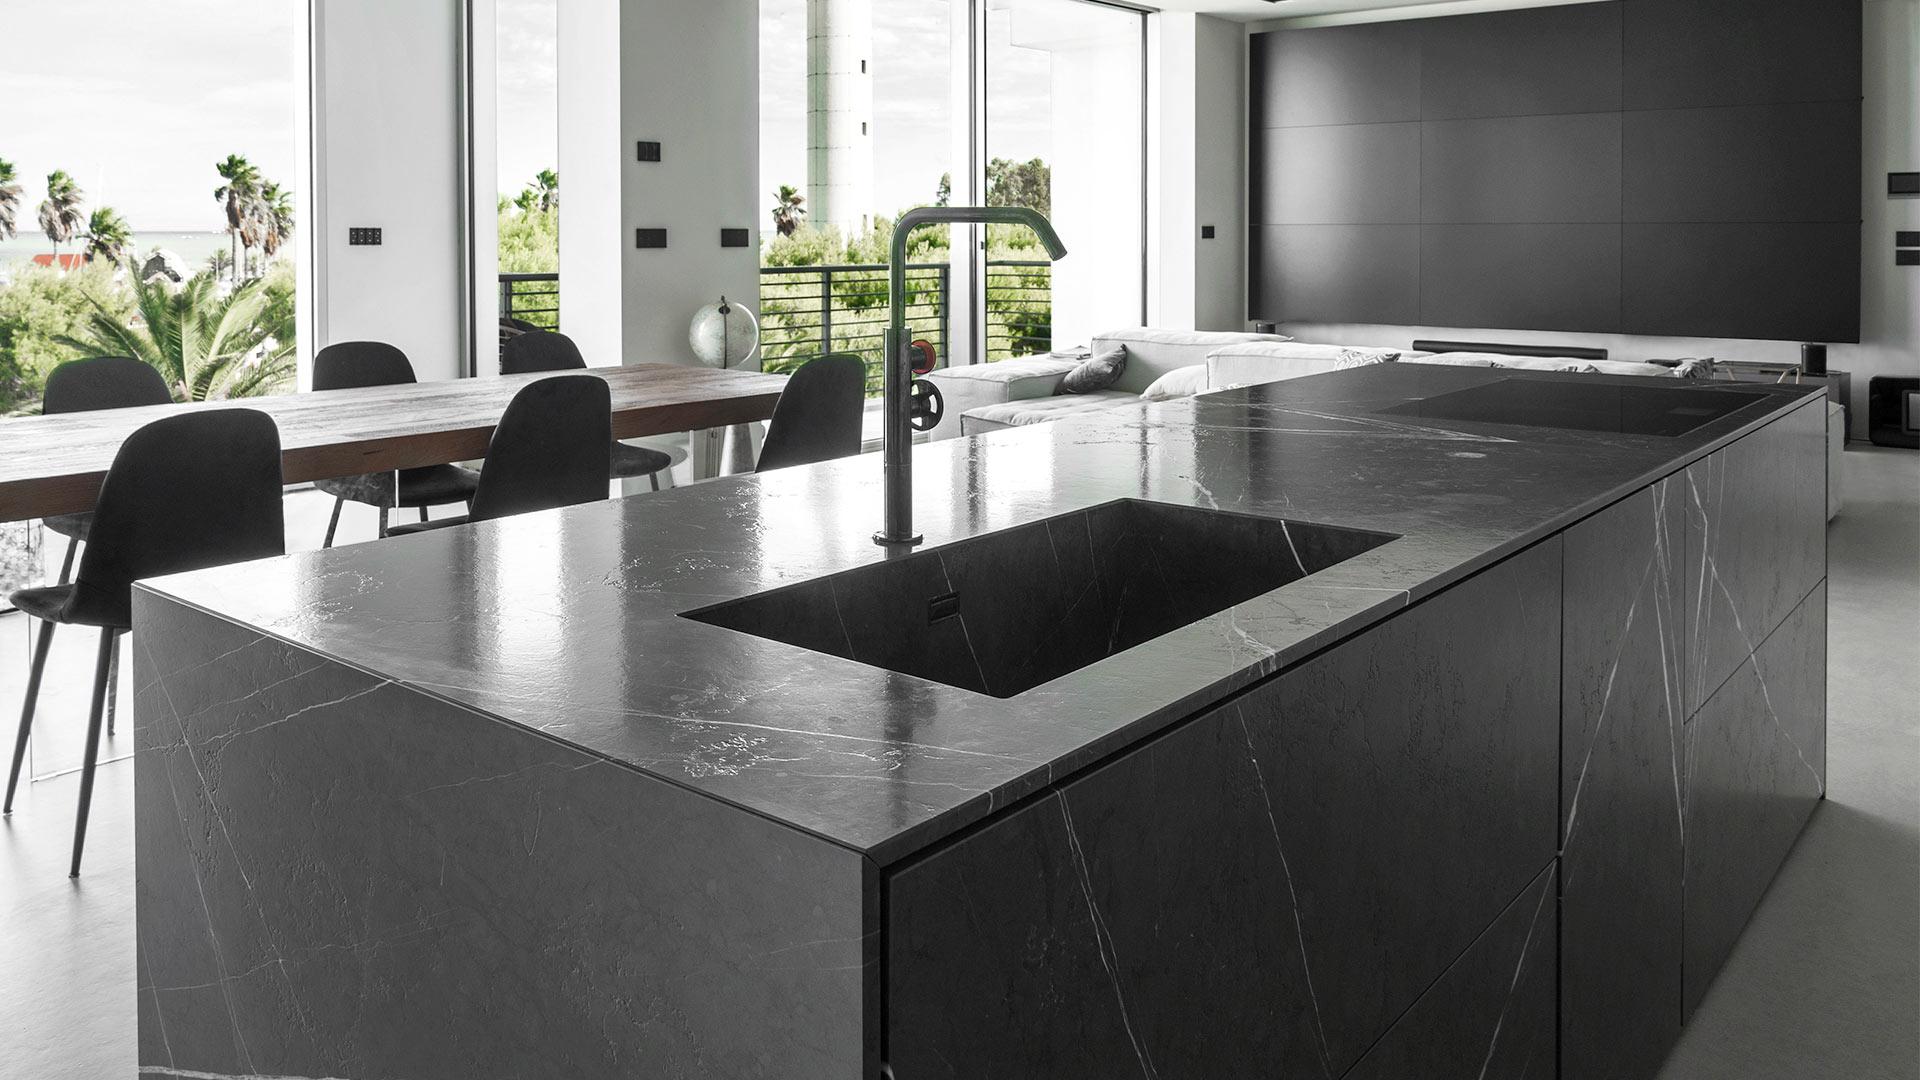 Cucina con isola e un imponente sistema parete per un'abitazione privata a San Benedetto del Tronto - TM20_D90_SBT_MR_004